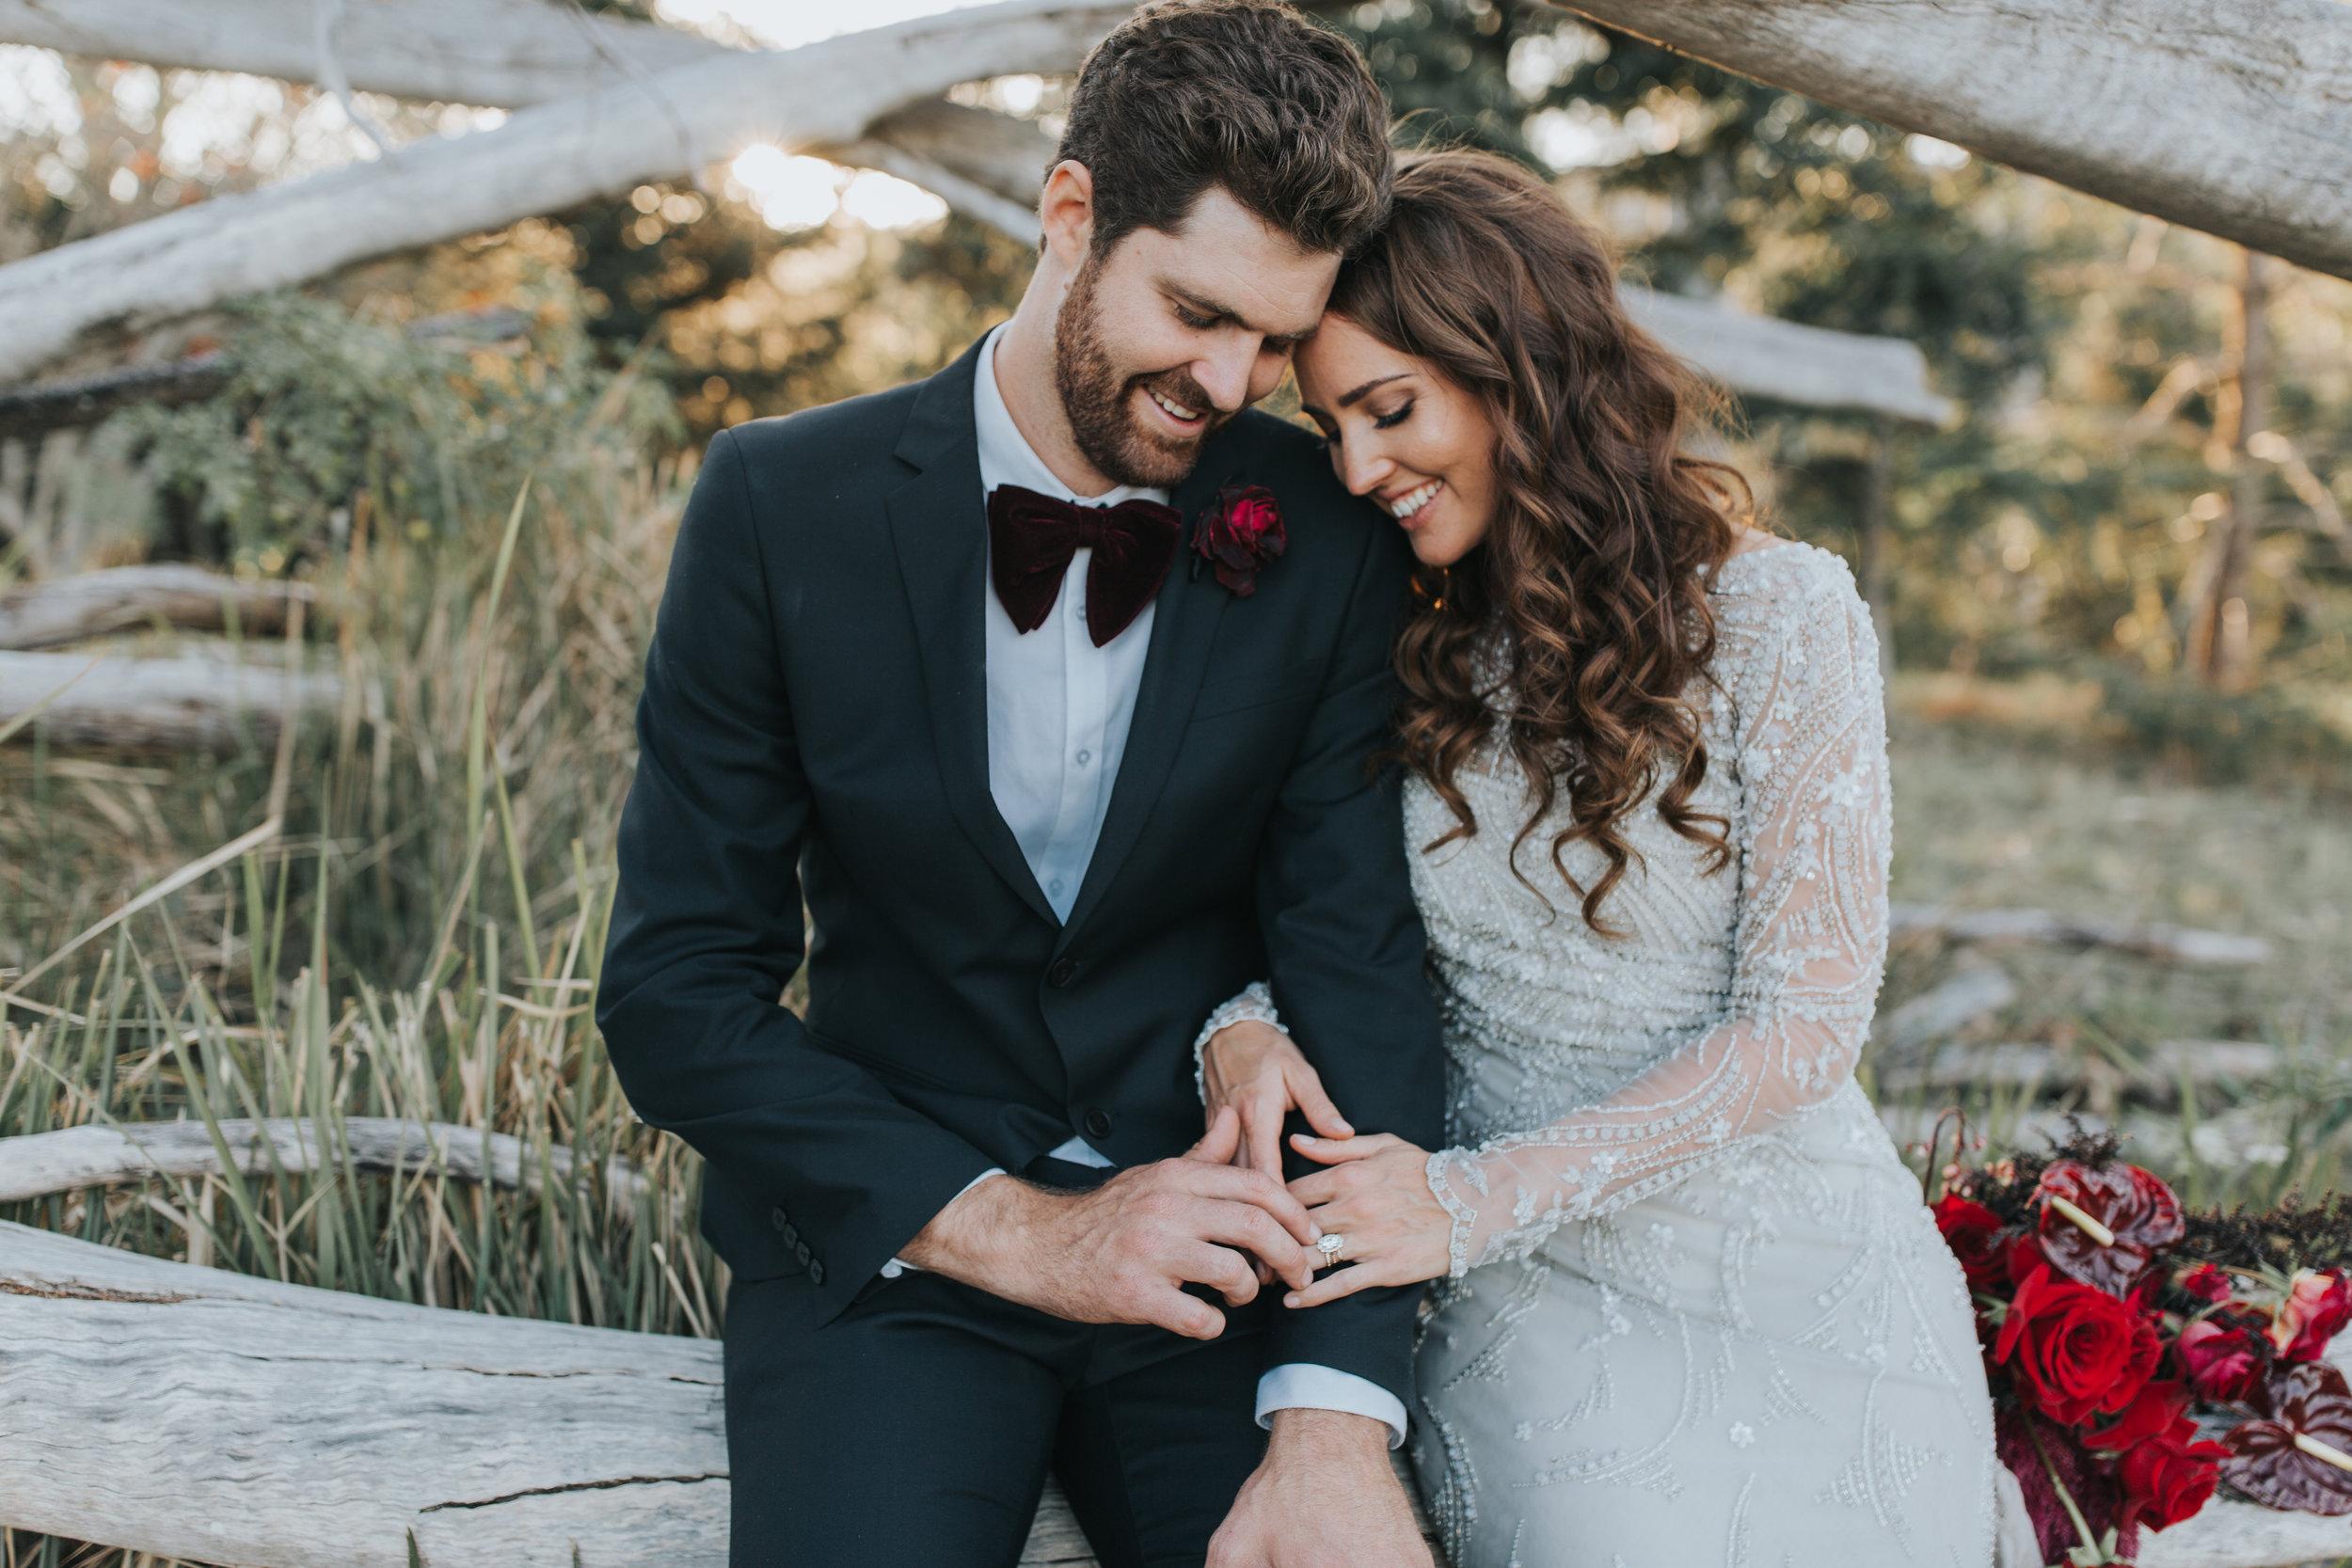 Kodan & Candace - wedding